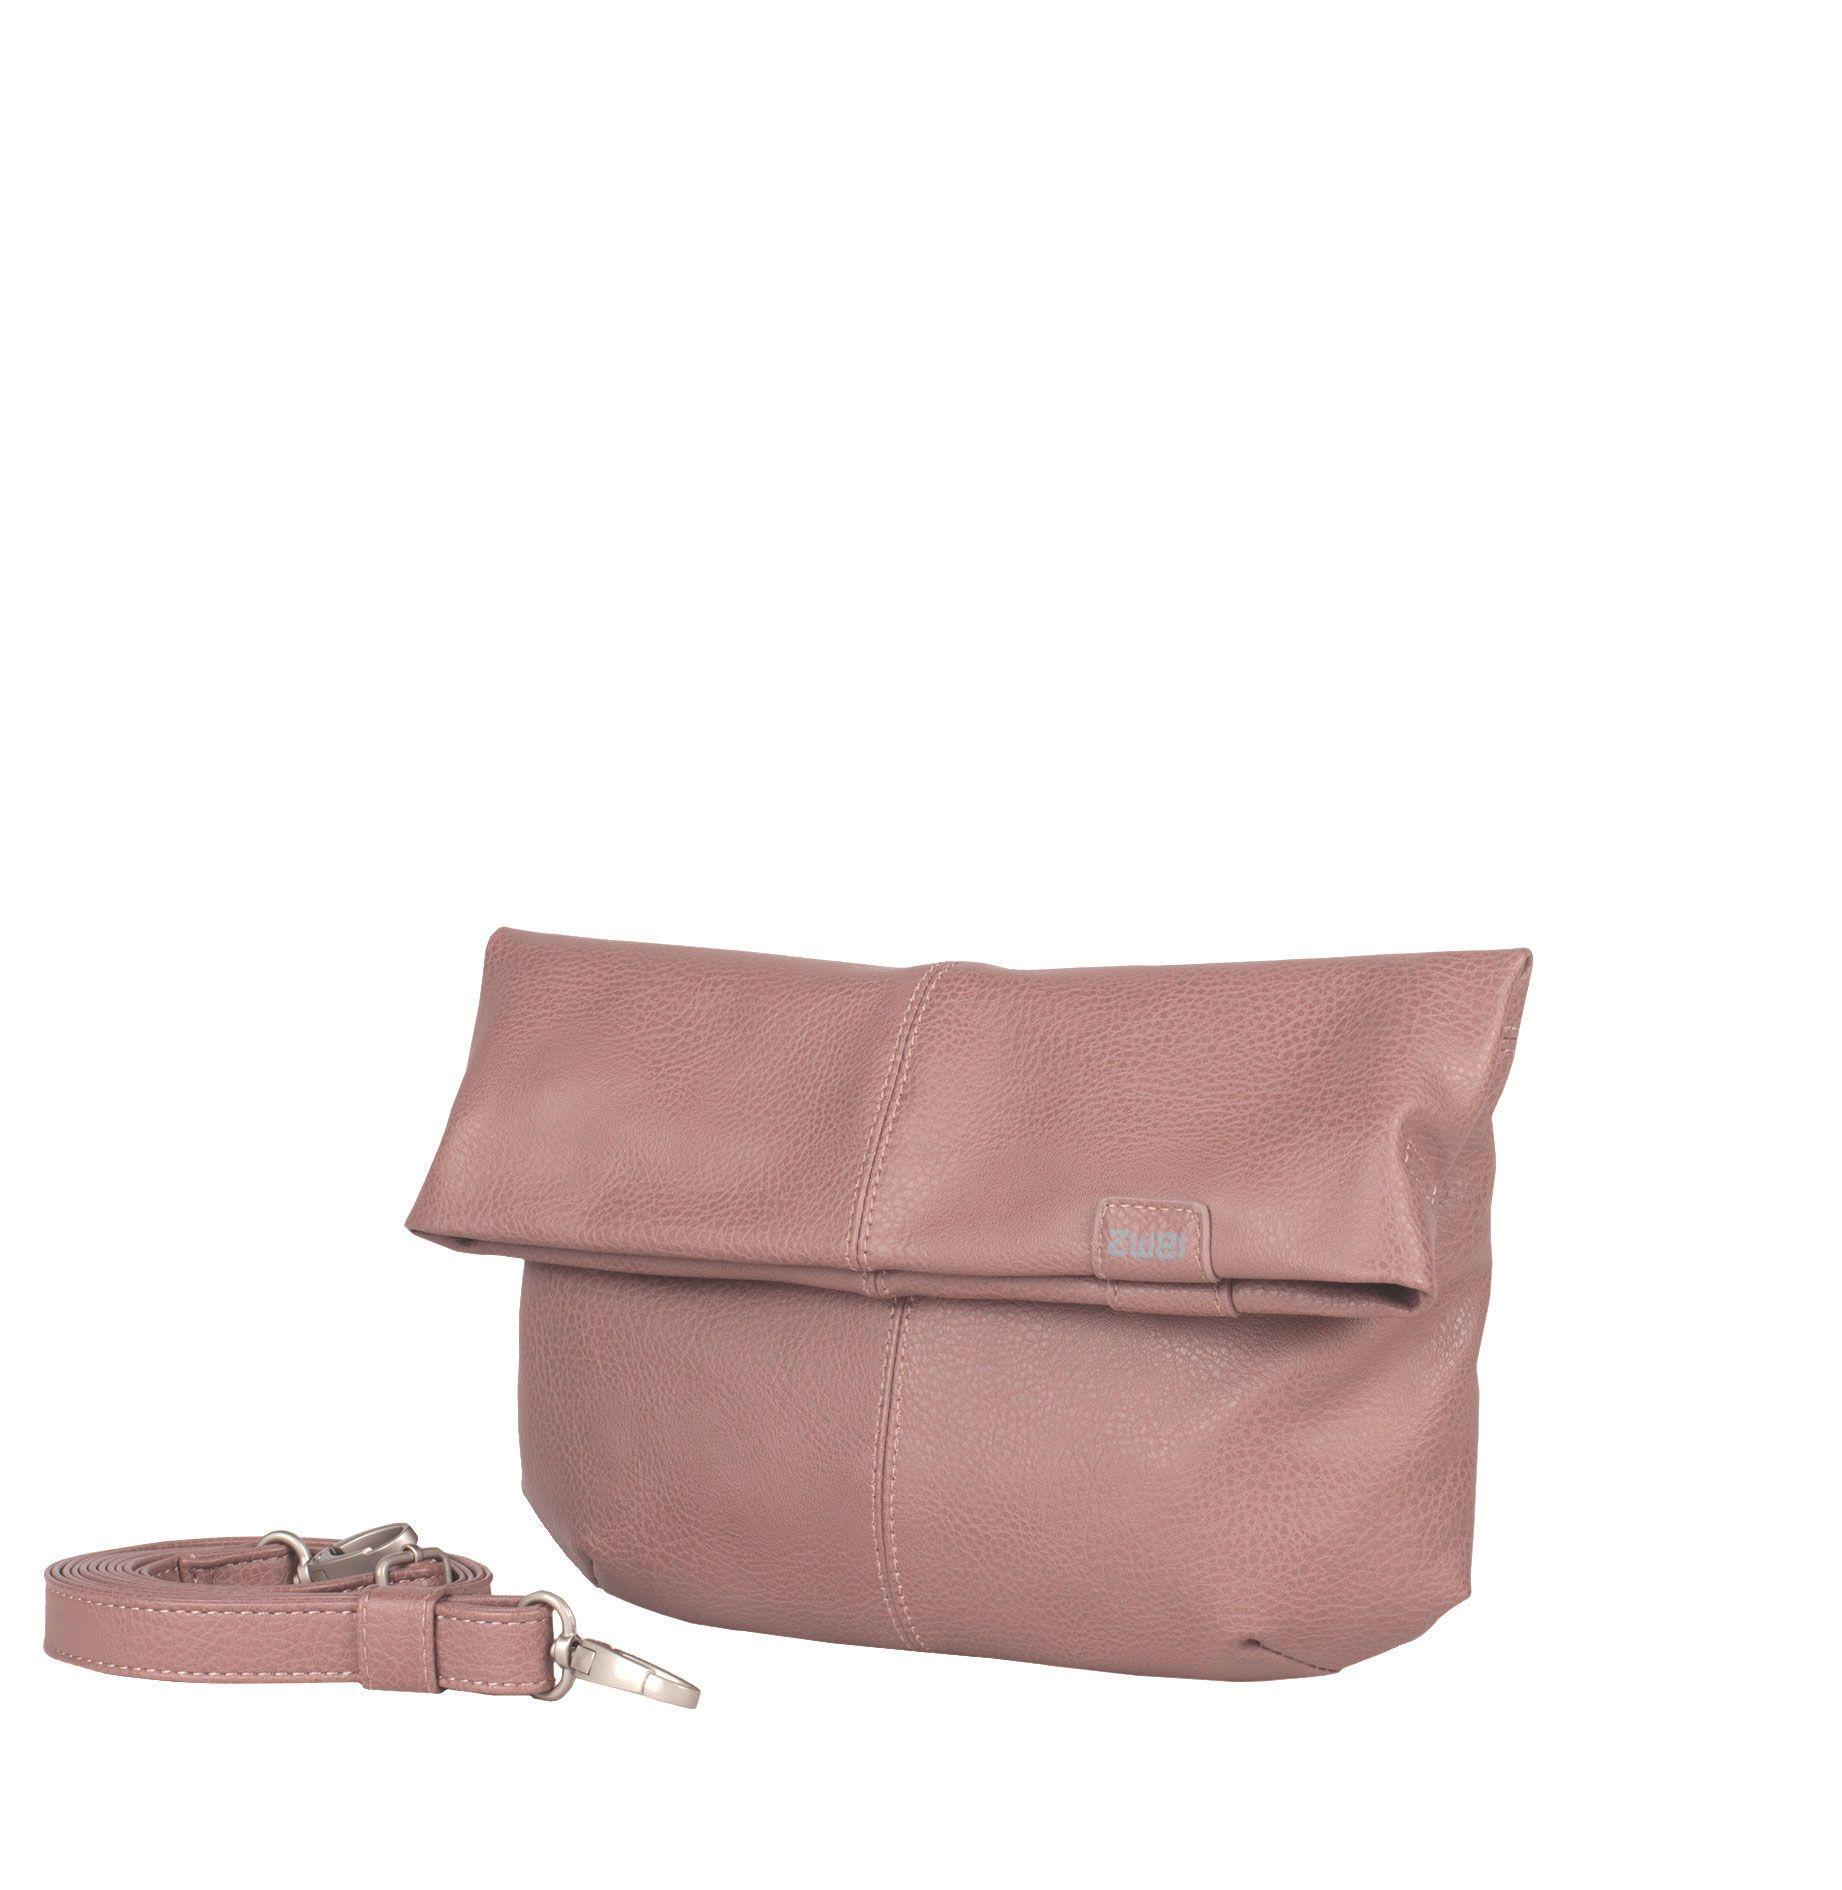 Frauentaschen :: MADEMOISELLE :: M4 | 49,90 € :: ZWEI Taschen :: Handtasche :: Clutch :: Abendtasche :: lederfrei :: puder :: powder :: altrosa